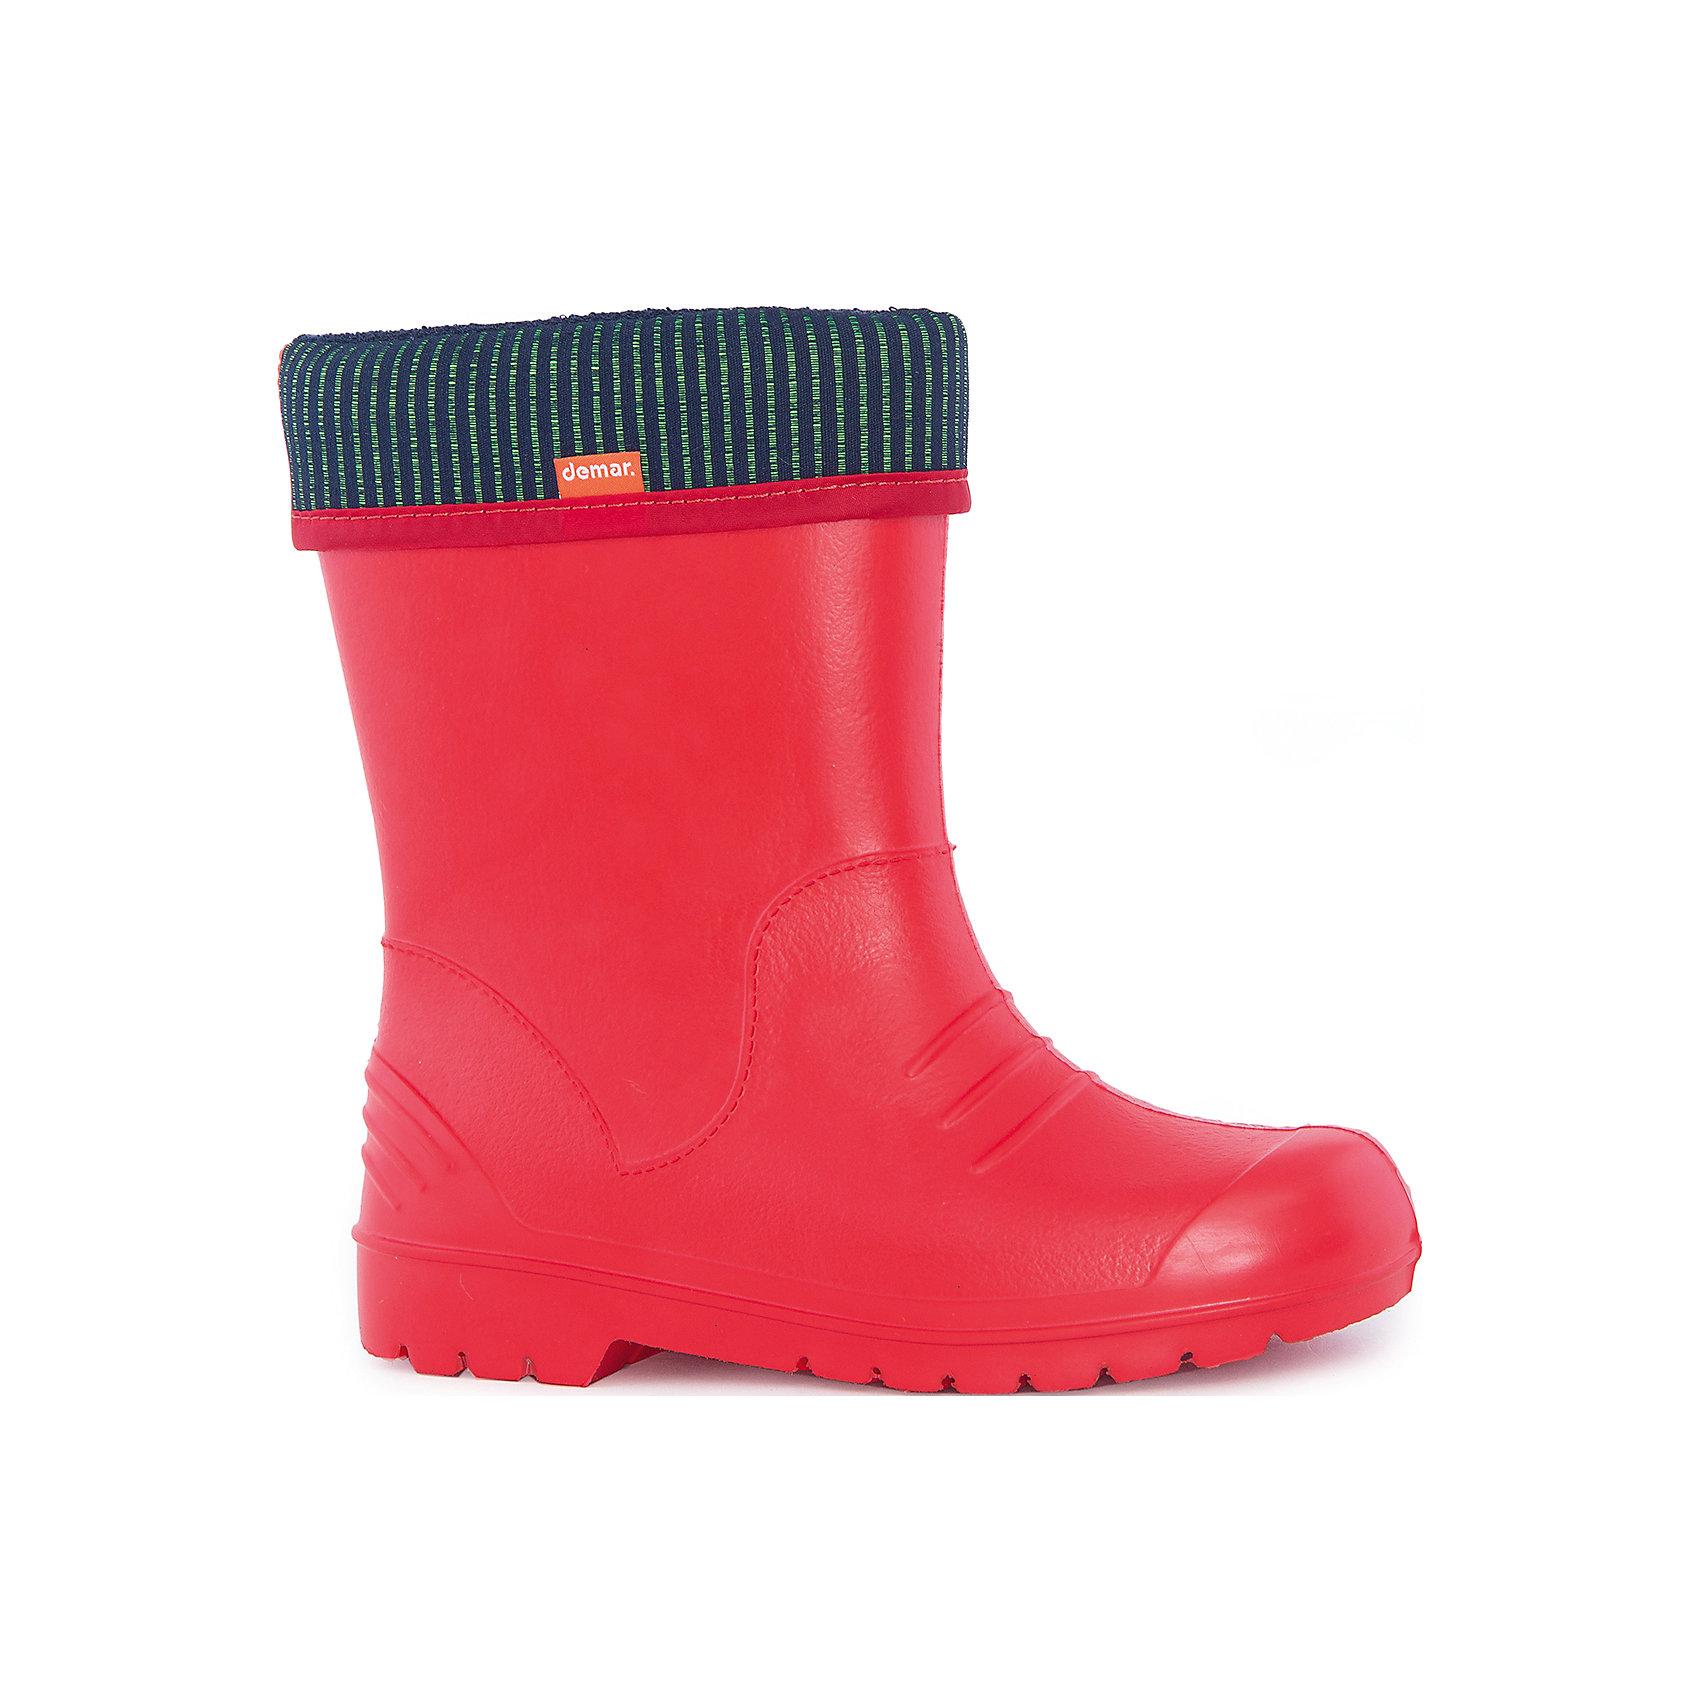 Сапоги Dino для девочки DEMARХарактеристики товара:<br><br>• цвет: красный<br>• материал верха: ЭВА<br>• материал подкладки: текстиль <br>• материал подошвы: ЭВА<br>• температурный режим: от 0° до +15° С<br>• верх не продувается<br>• съемный чулок<br>• стильный дизайн<br>• страна бренда: Польша<br>• страна изготовитель: Польша<br><br>Осенью и весной ребенку не обойтись без непромокаемых сапожек! Чтобы не пропустить главные удовольствия межсезонья, нужно запастись удобной обувью. Такие сапожки обеспечат ребенку необходимый для активного отдыха комфорт, а подкладка из текстиля позволит ножкам оставаться теплыми. Сапожки легко надеваются и снимаются, отлично сидят на ноге. Они удивительно легкие!<br>Обувь от польского бренда Demar - это качественные товары, созданные с применением новейших технологий и с использованием как натуральных, так и высокотехнологичных материалов. Обувь отличается стильным дизайном и продуманной конструкцией. Изделие производится из качественных и проверенных материалов, которые безопасны для детей.<br><br>Сапожки от бренда Demar (Демар) можно купить в нашем интернет-магазине.<br><br>Ширина мм: 257<br>Глубина мм: 180<br>Высота мм: 130<br>Вес г: 420<br>Цвет: красный<br>Возраст от месяцев: 84<br>Возраст до месяцев: 96<br>Пол: Женский<br>Возраст: Детский<br>Размер: 30/31,28/29,26/27,22/23,34/35,24/25,32/33<br>SKU: 4916649